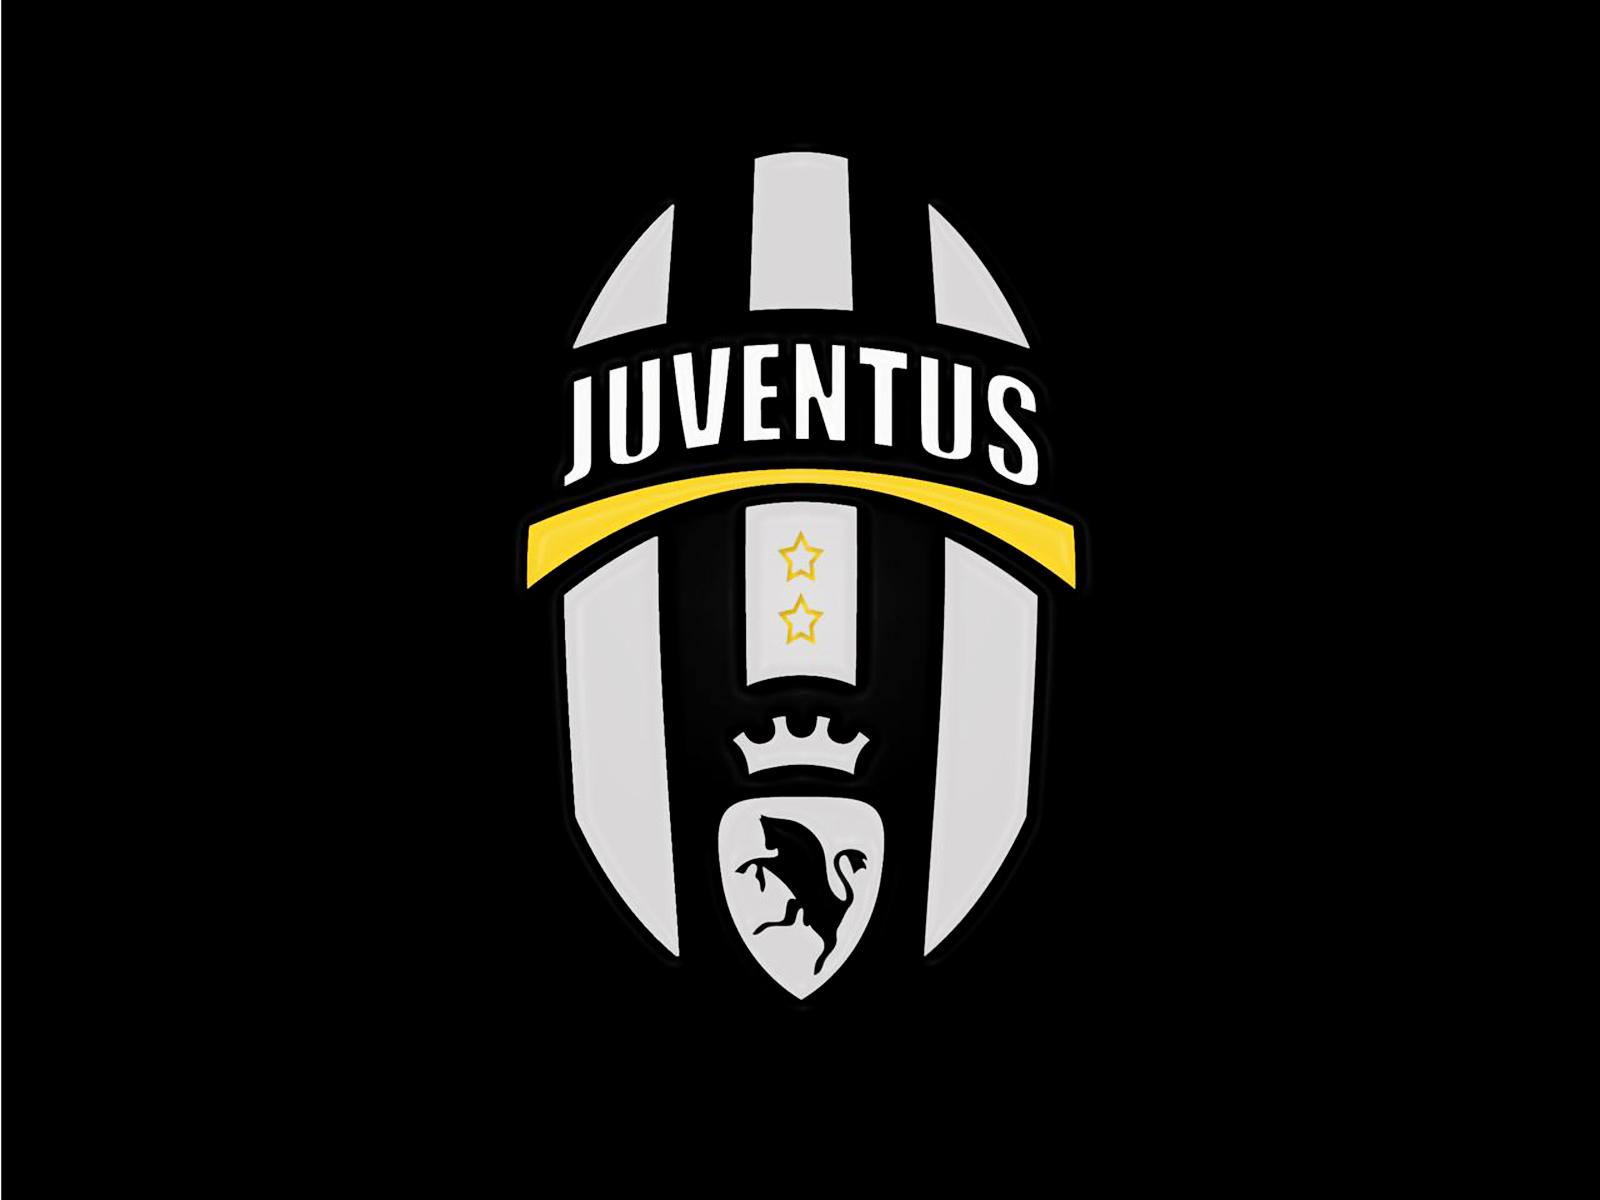 50 ] Logo Juventus Wallpaper 2015 On WallpaperSafari